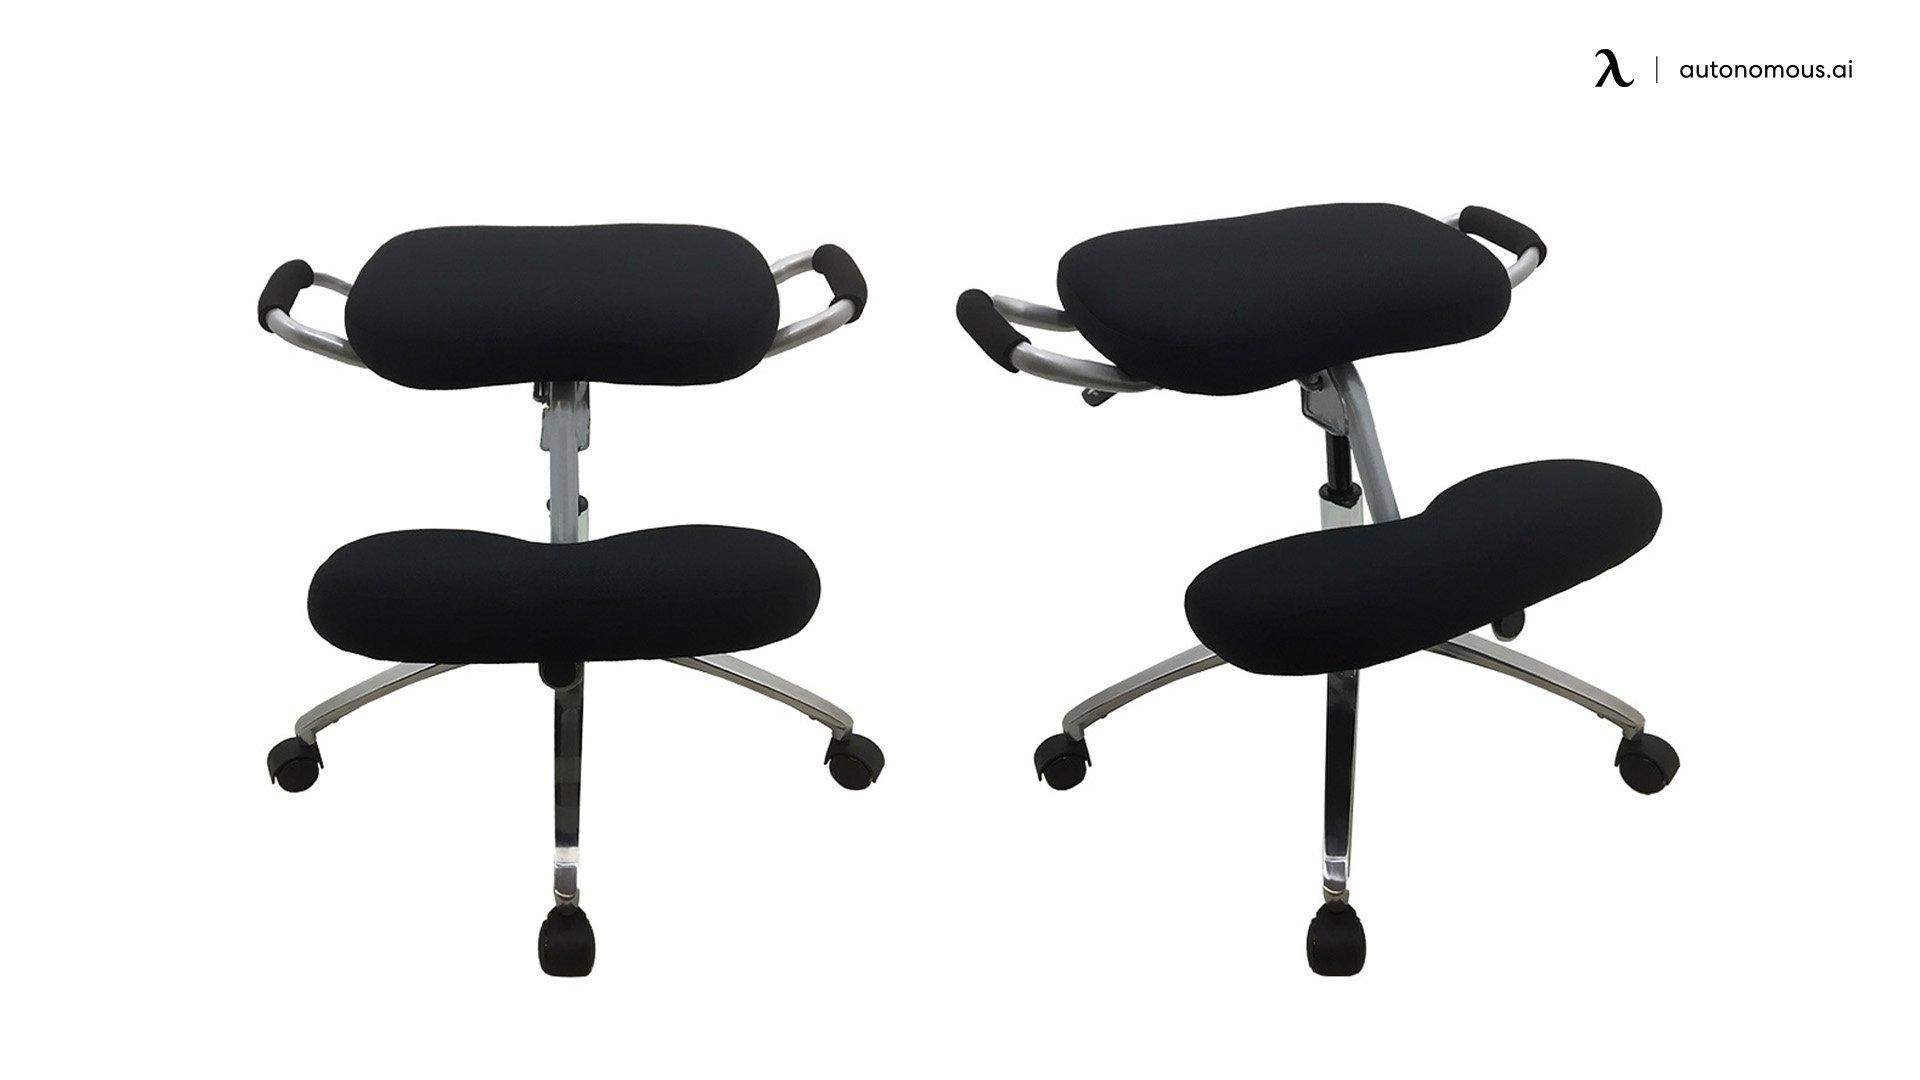 Sheridan Ergonomic Chair Australia